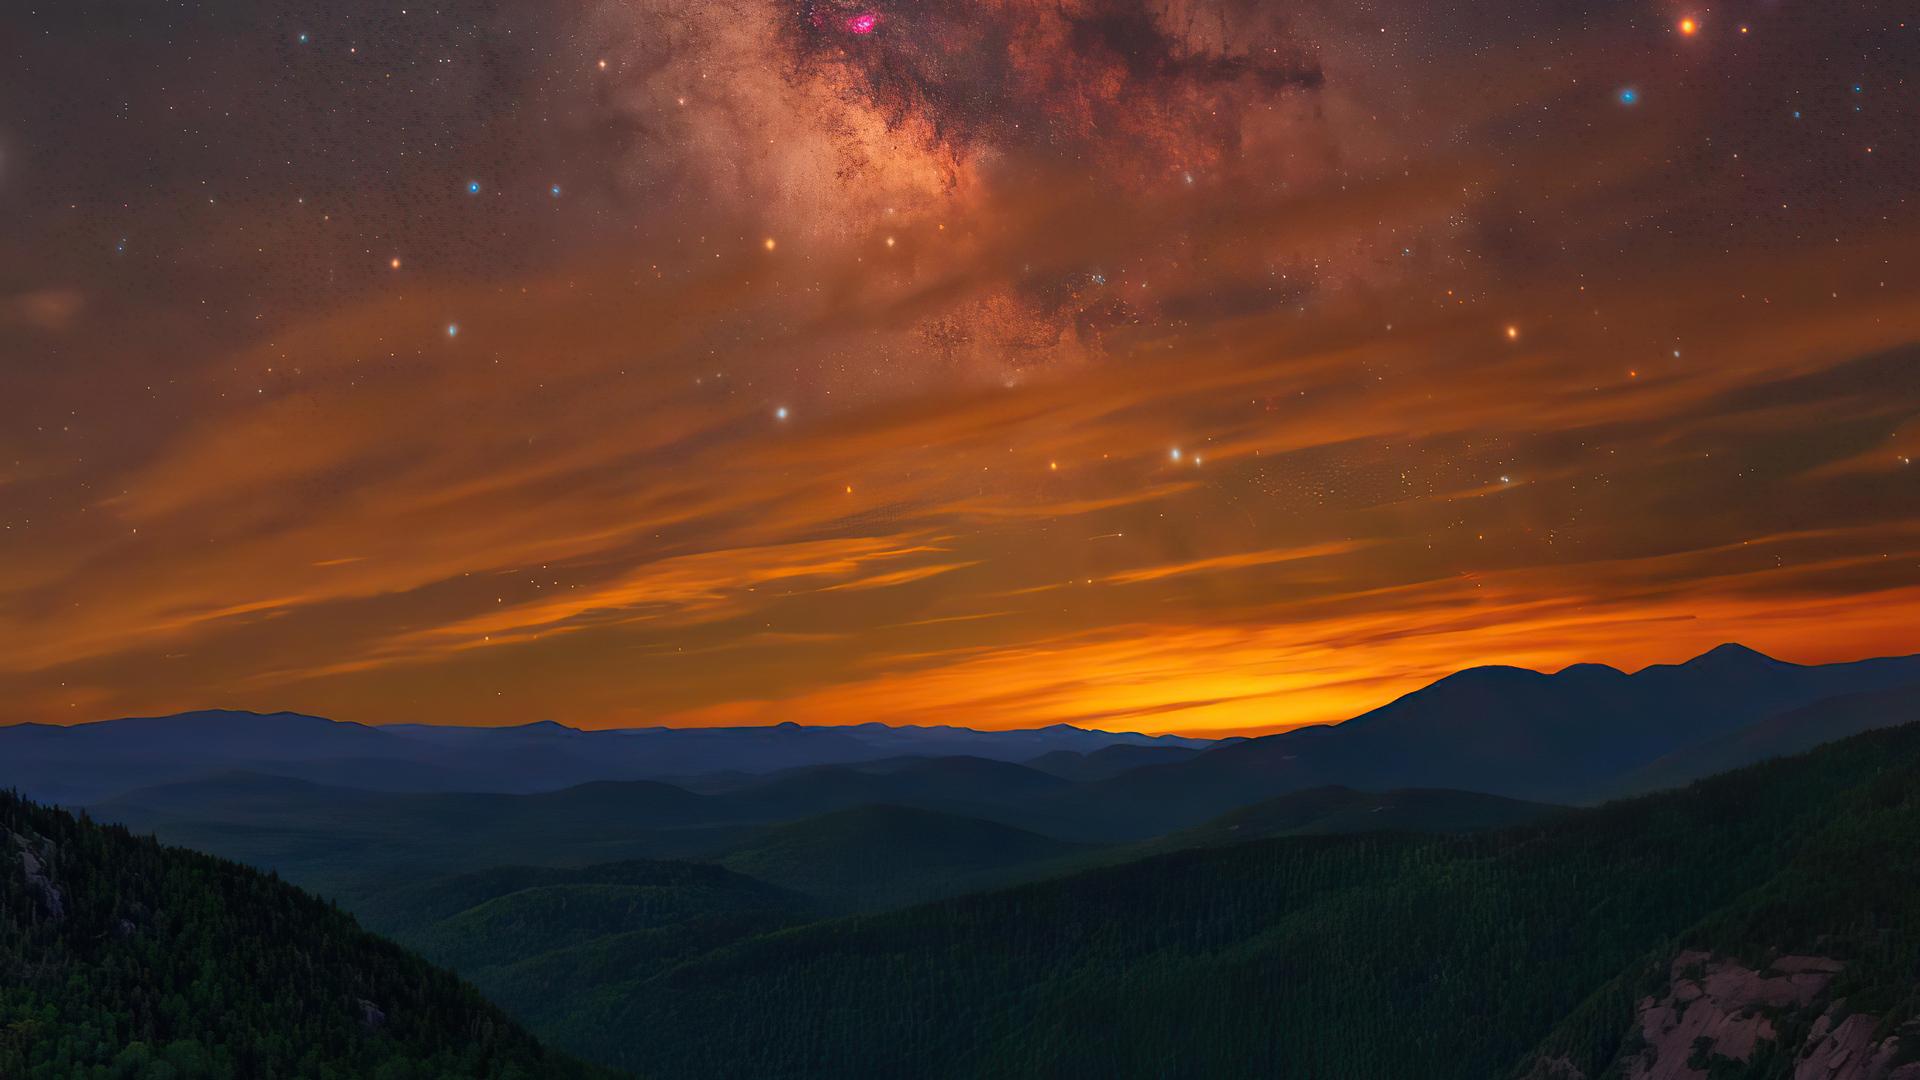 sky-full-of-stars-nature-4k-62.jpg